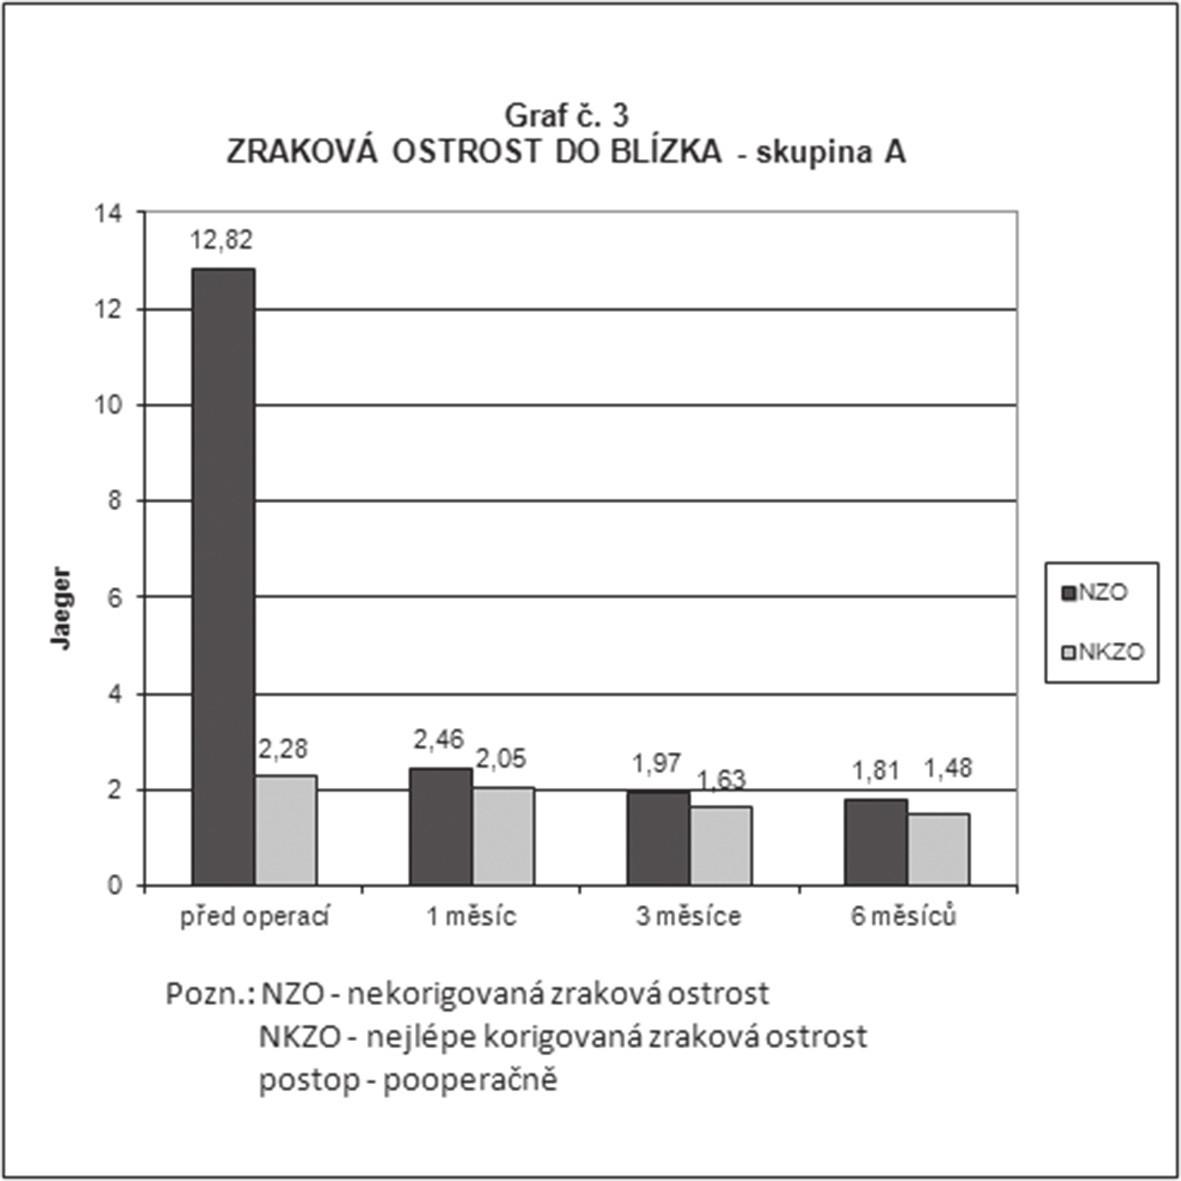 Průměrné hodnoty nekorigované a nejlépe korigované monokulární zrakové ostrosti do blízka ve skupině A (implantace nitrooční čočky LENTIS Mplus) předoperačně, 1 měsíc, 3 měsíce a 6 měsíců po operaci